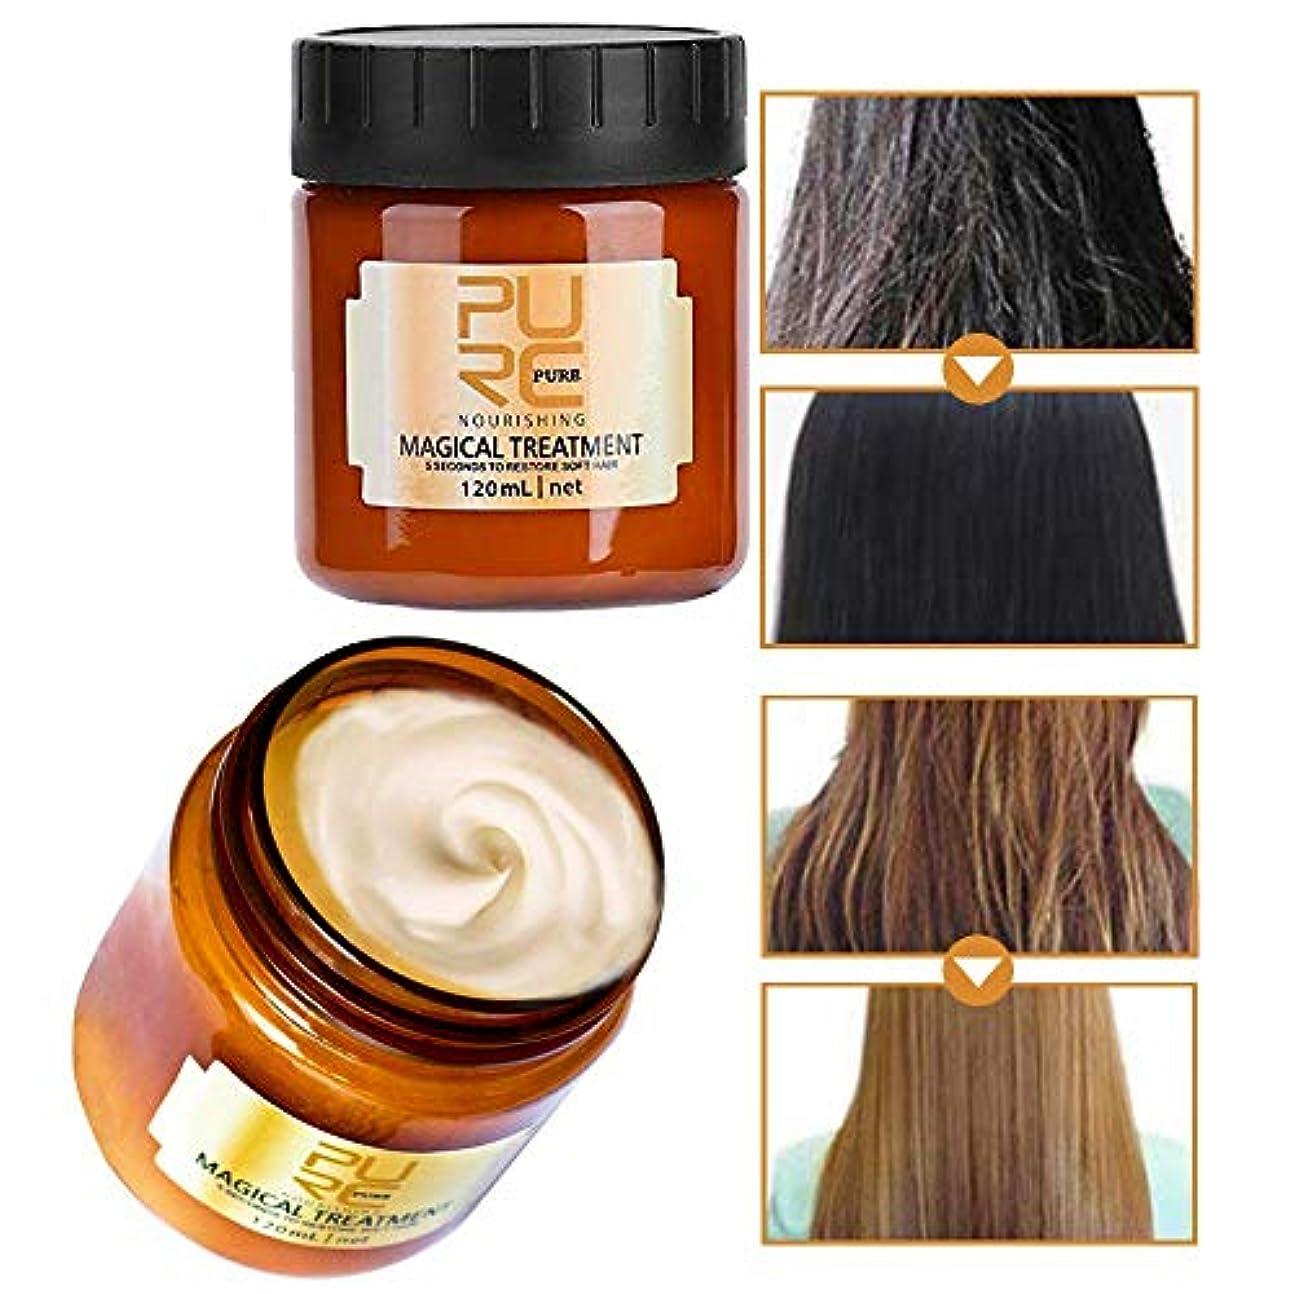 かまどスペル実験Odette 2019 ヘアケアエッセンスルートトリートメント乾燥した髪を改善躁髪質を改善し、健康的で柔らかい髪を回復する栄養ケアを達成効果的で便利なヘアケアクリーム (120ml) (1pcs)